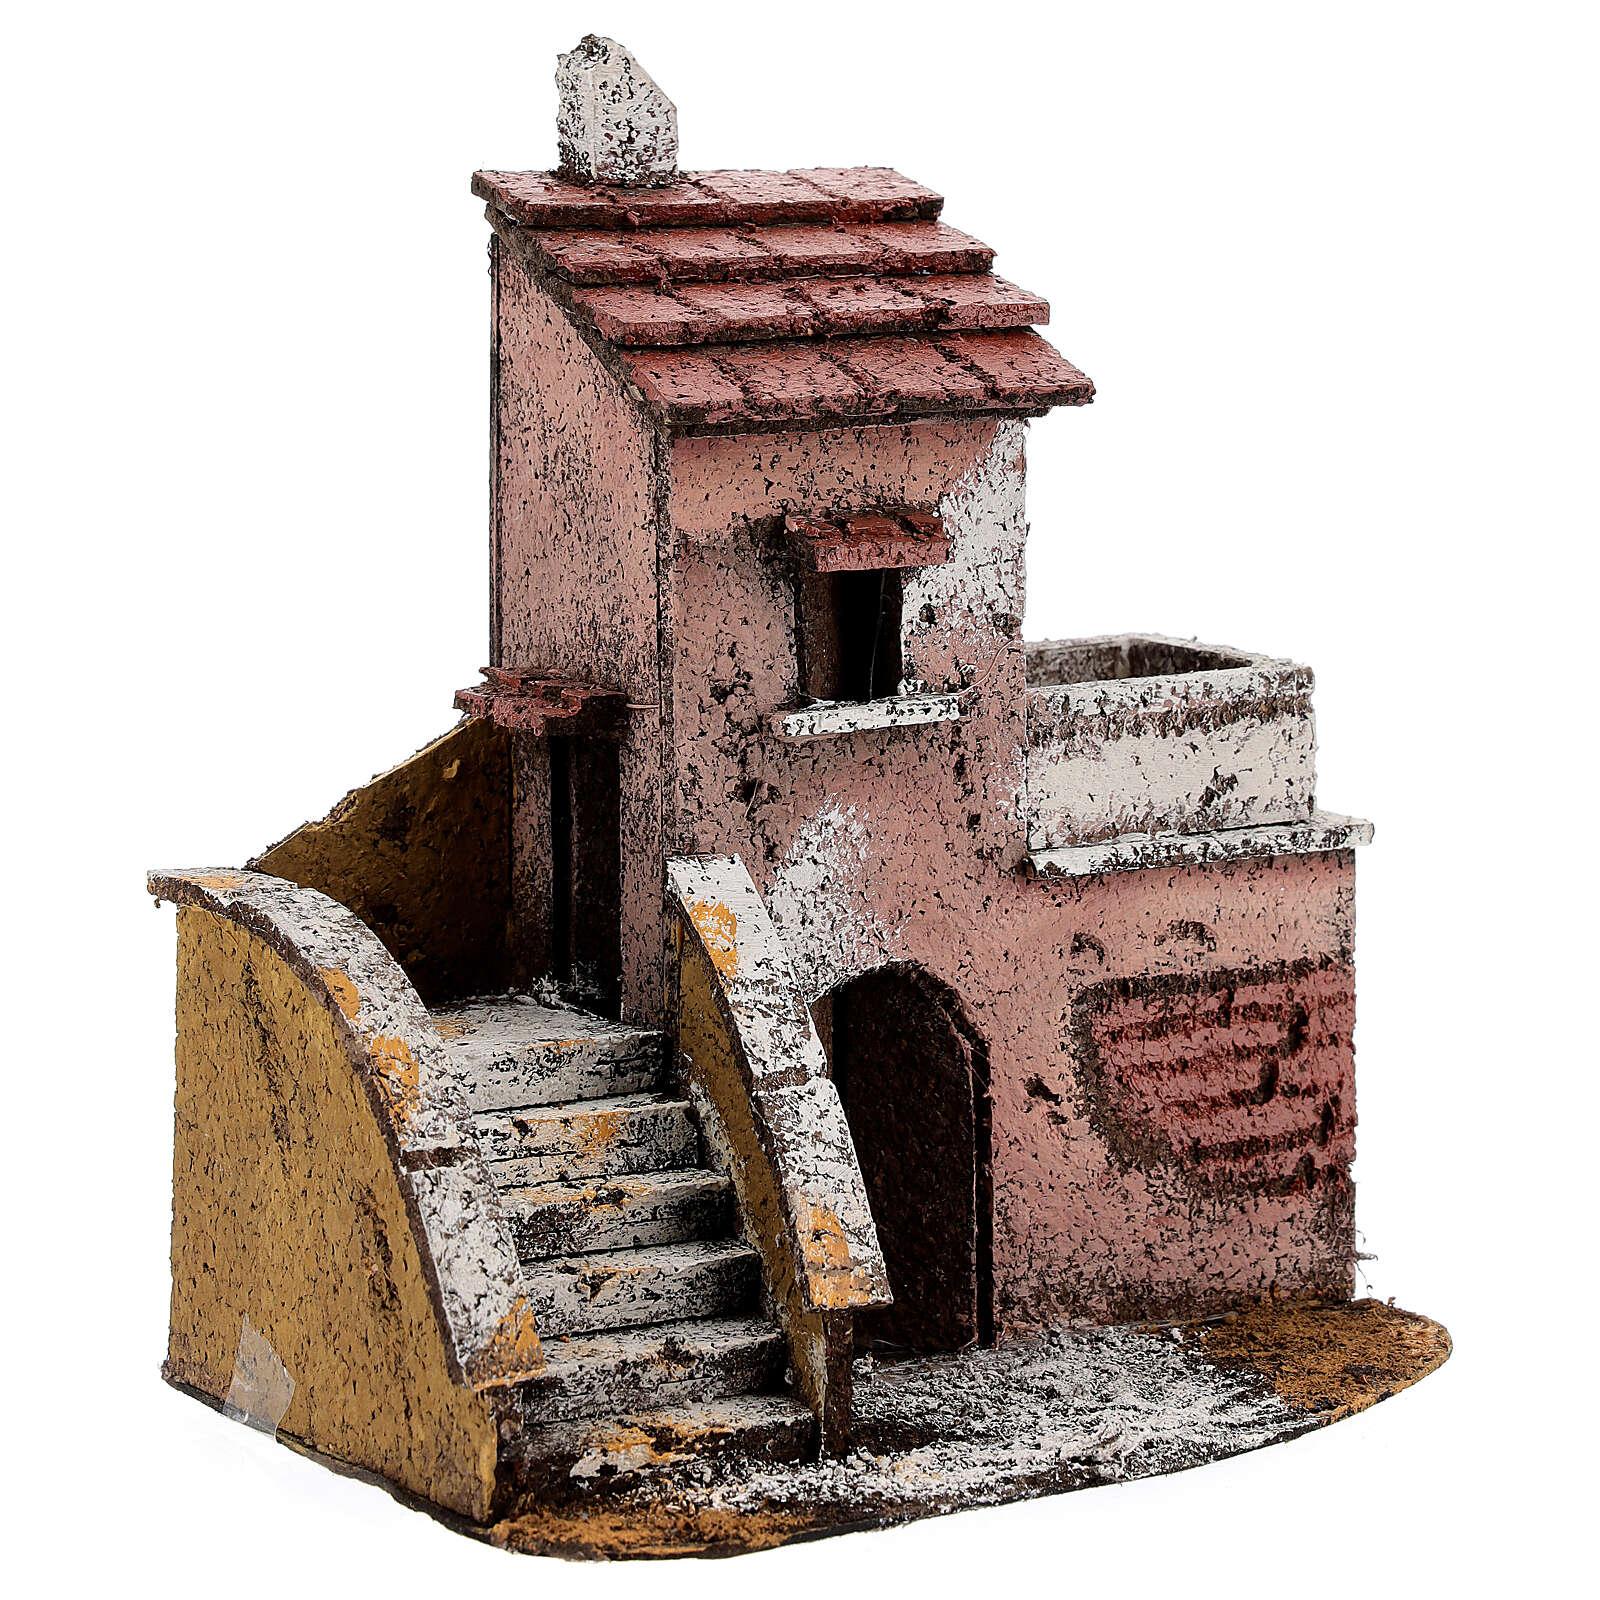 Casa sughero presepe napoletano terrazzo 15x15x10 per statue 4 cm 4